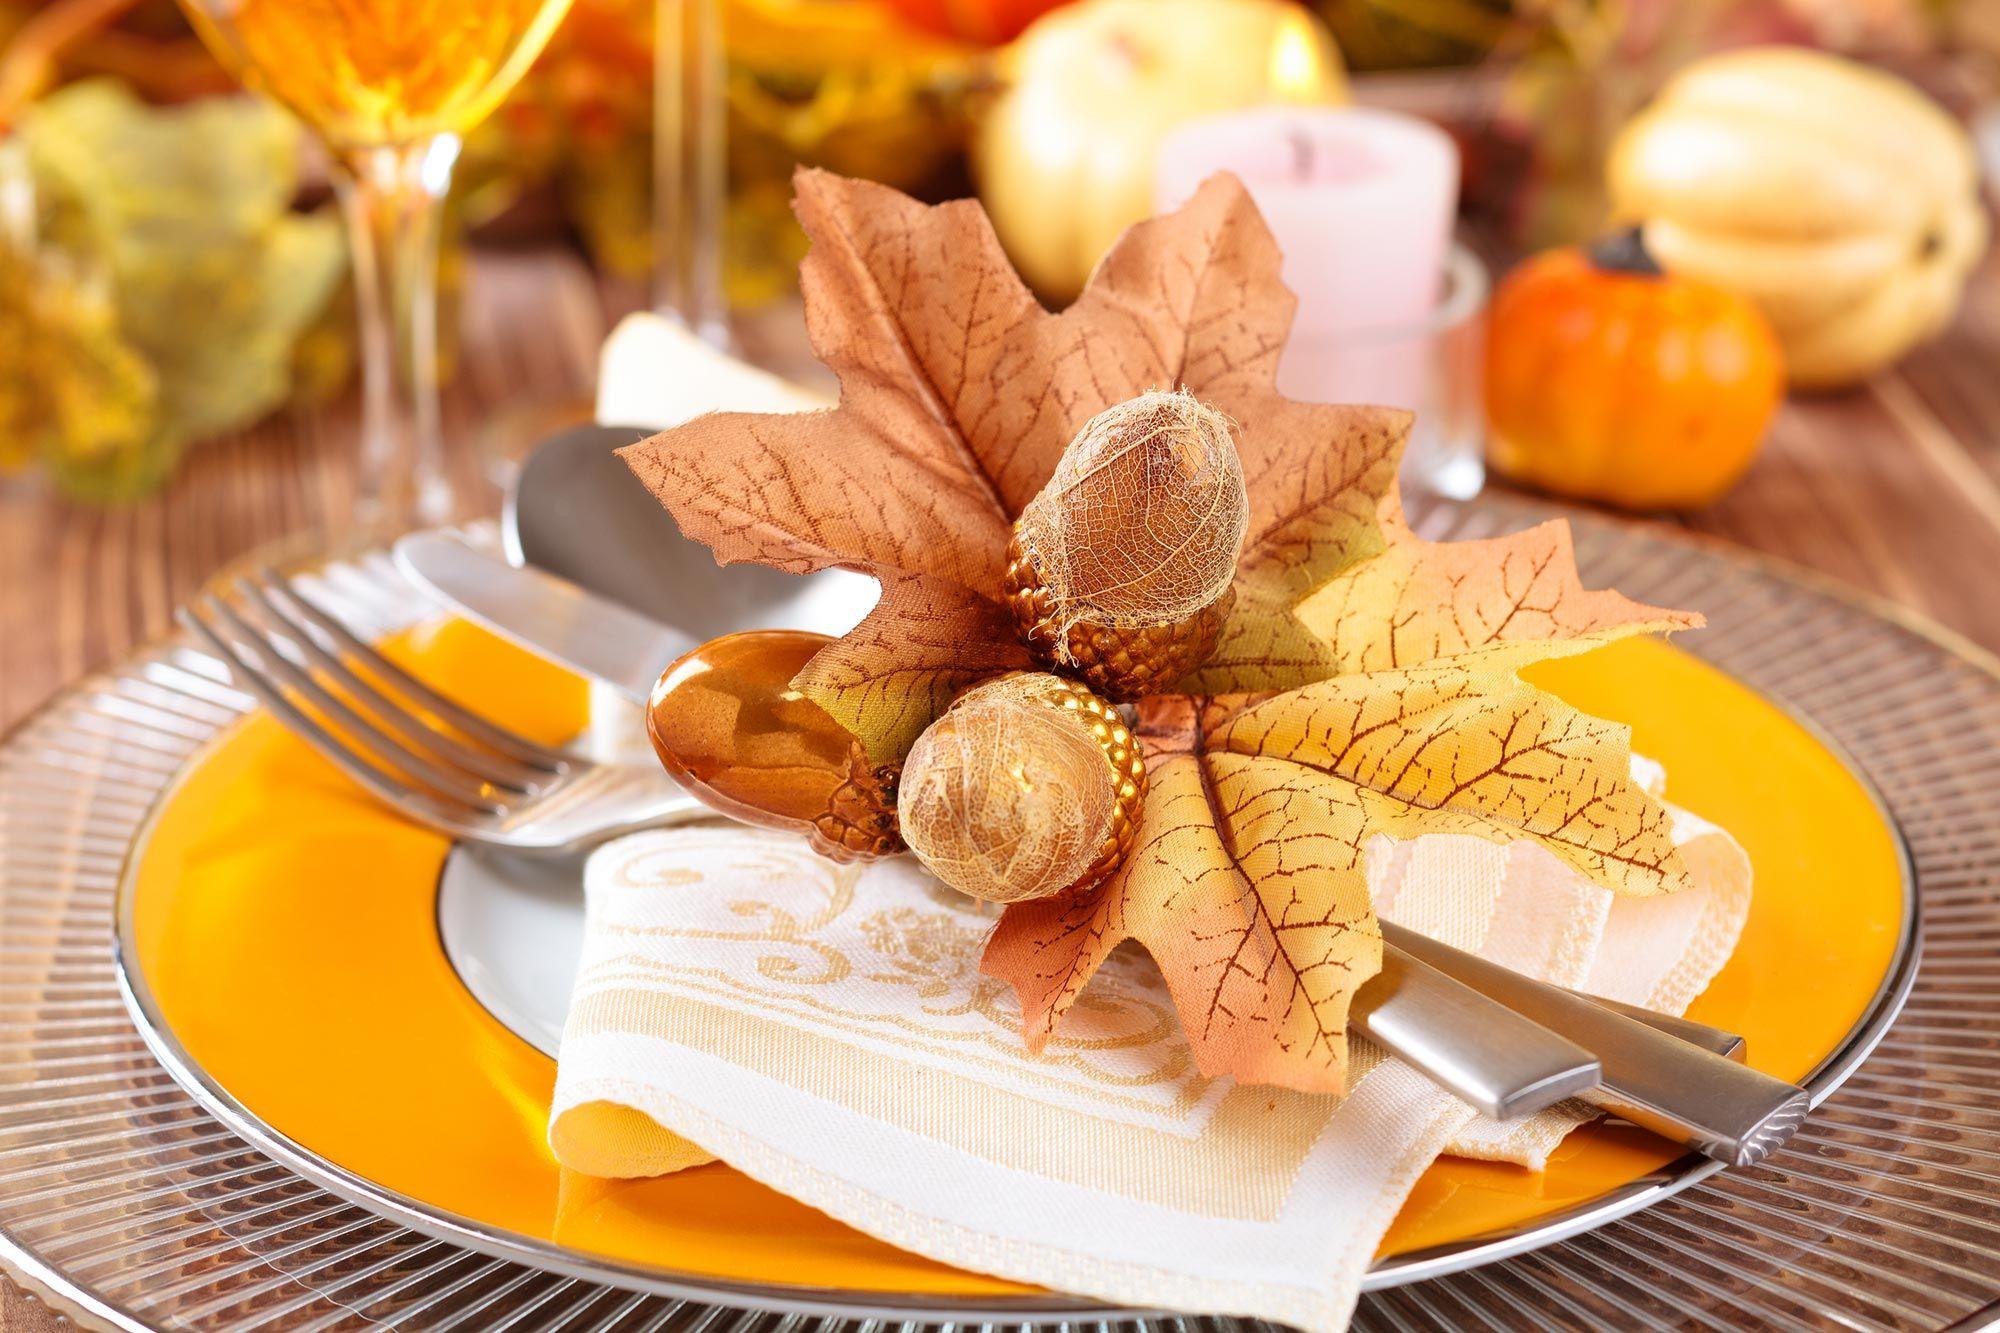 Décoration d'automne pour la table - vaisselle